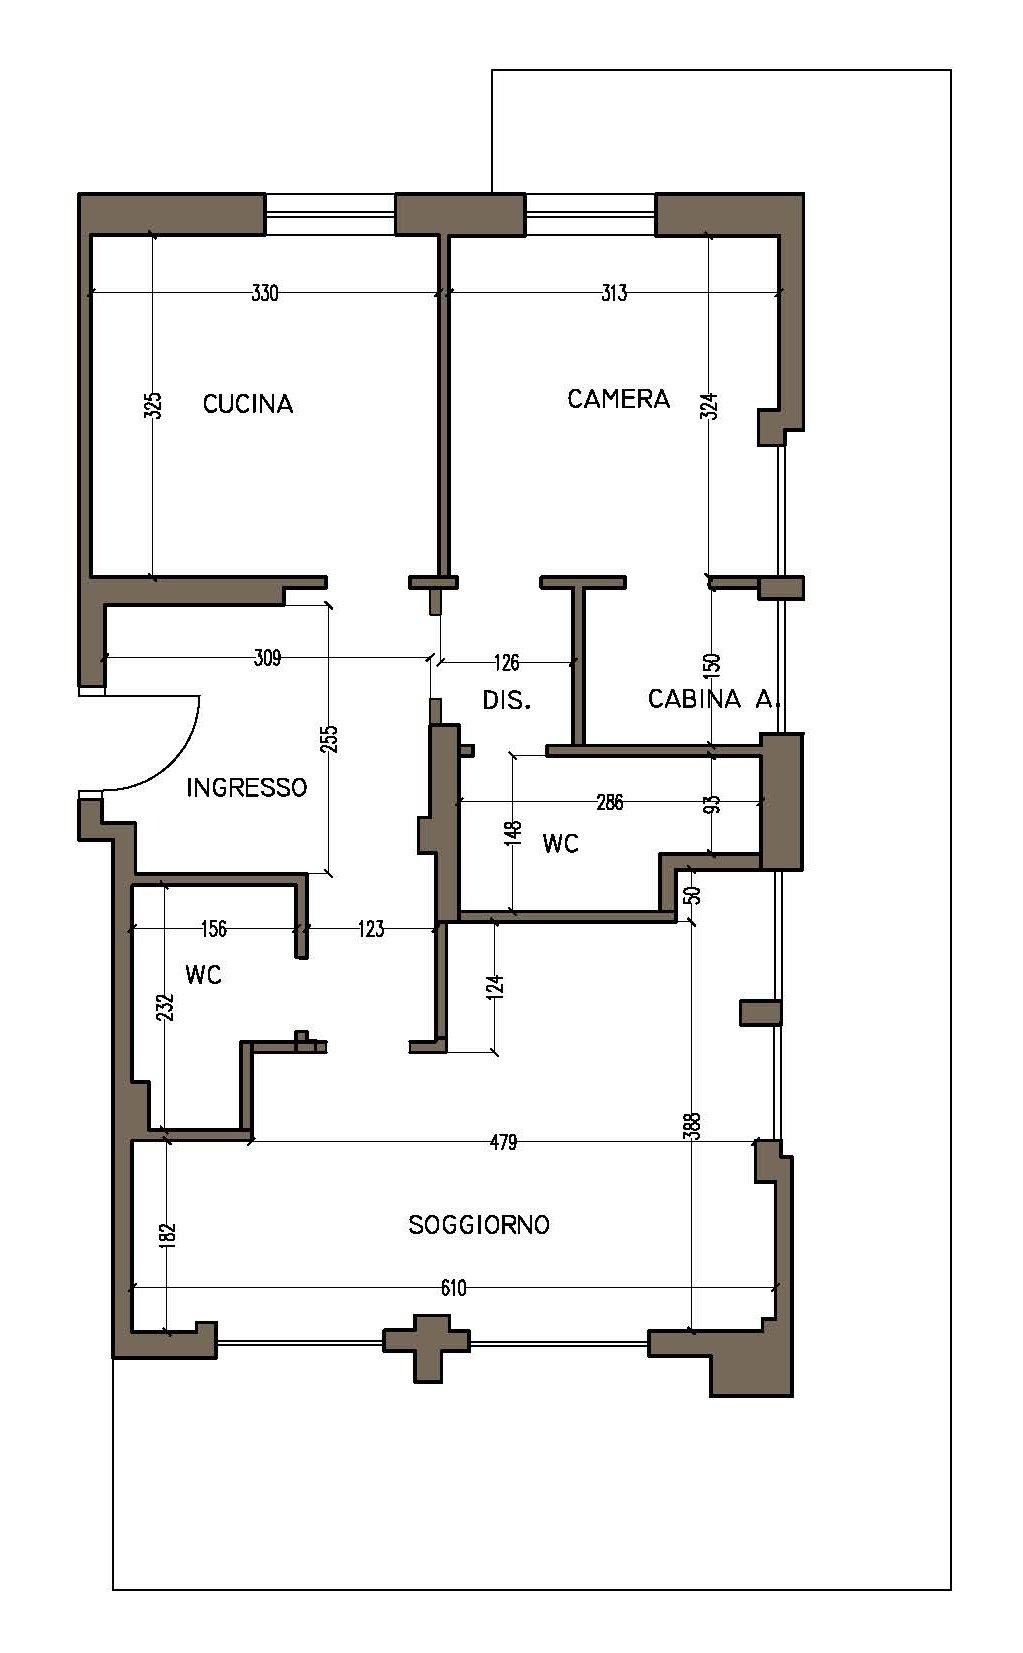 Progetto casa gratis latest progettare casa online gratis with progetto casa gratis free - Progetto casa design ...